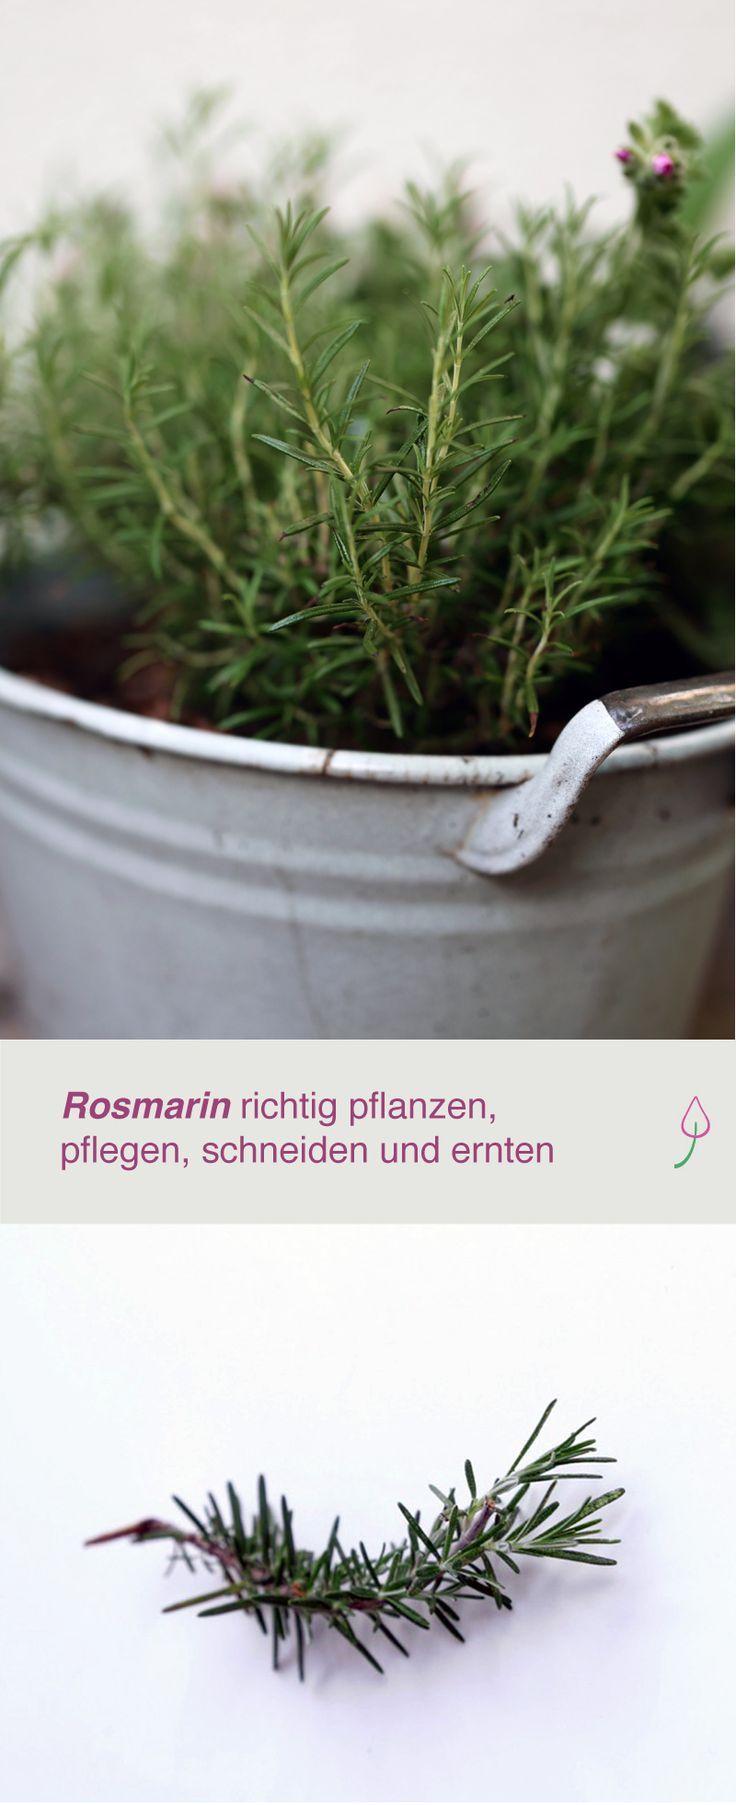 rosmarin pflanzen und pflegen pinterest balkon pflanzen der balkon und gepflegt. Black Bedroom Furniture Sets. Home Design Ideas